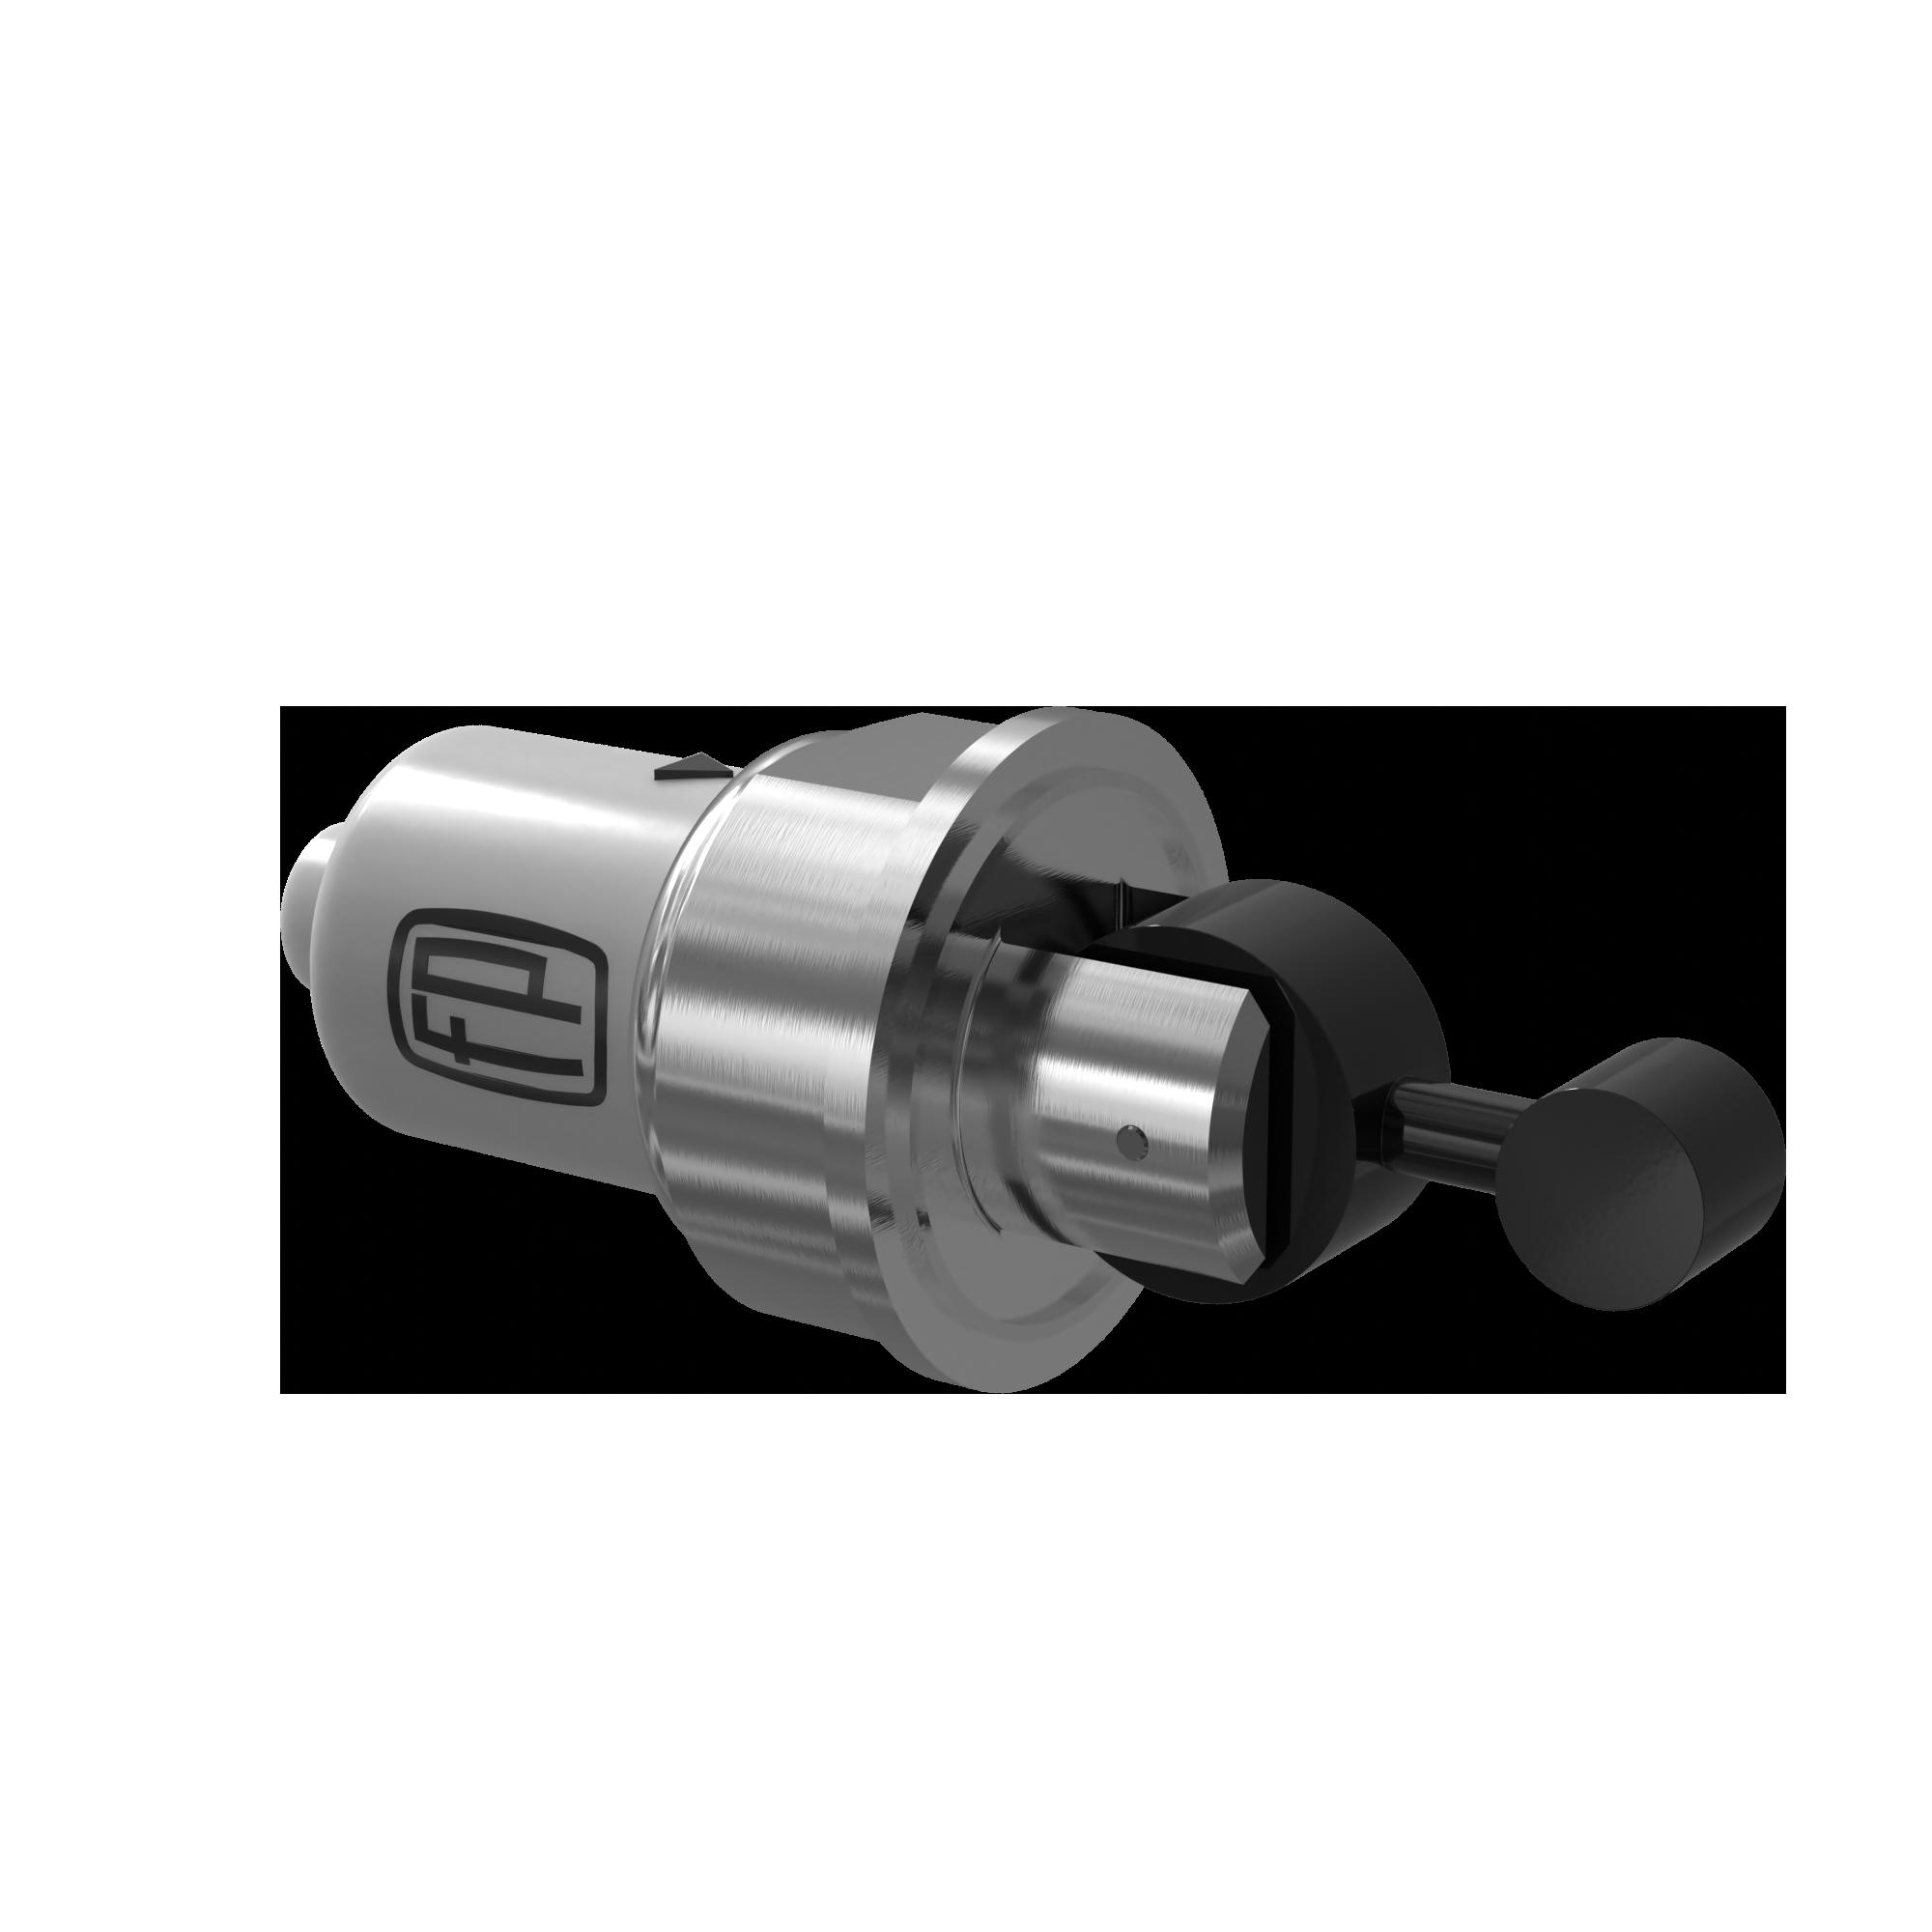 Level sensor FP-ELS-L